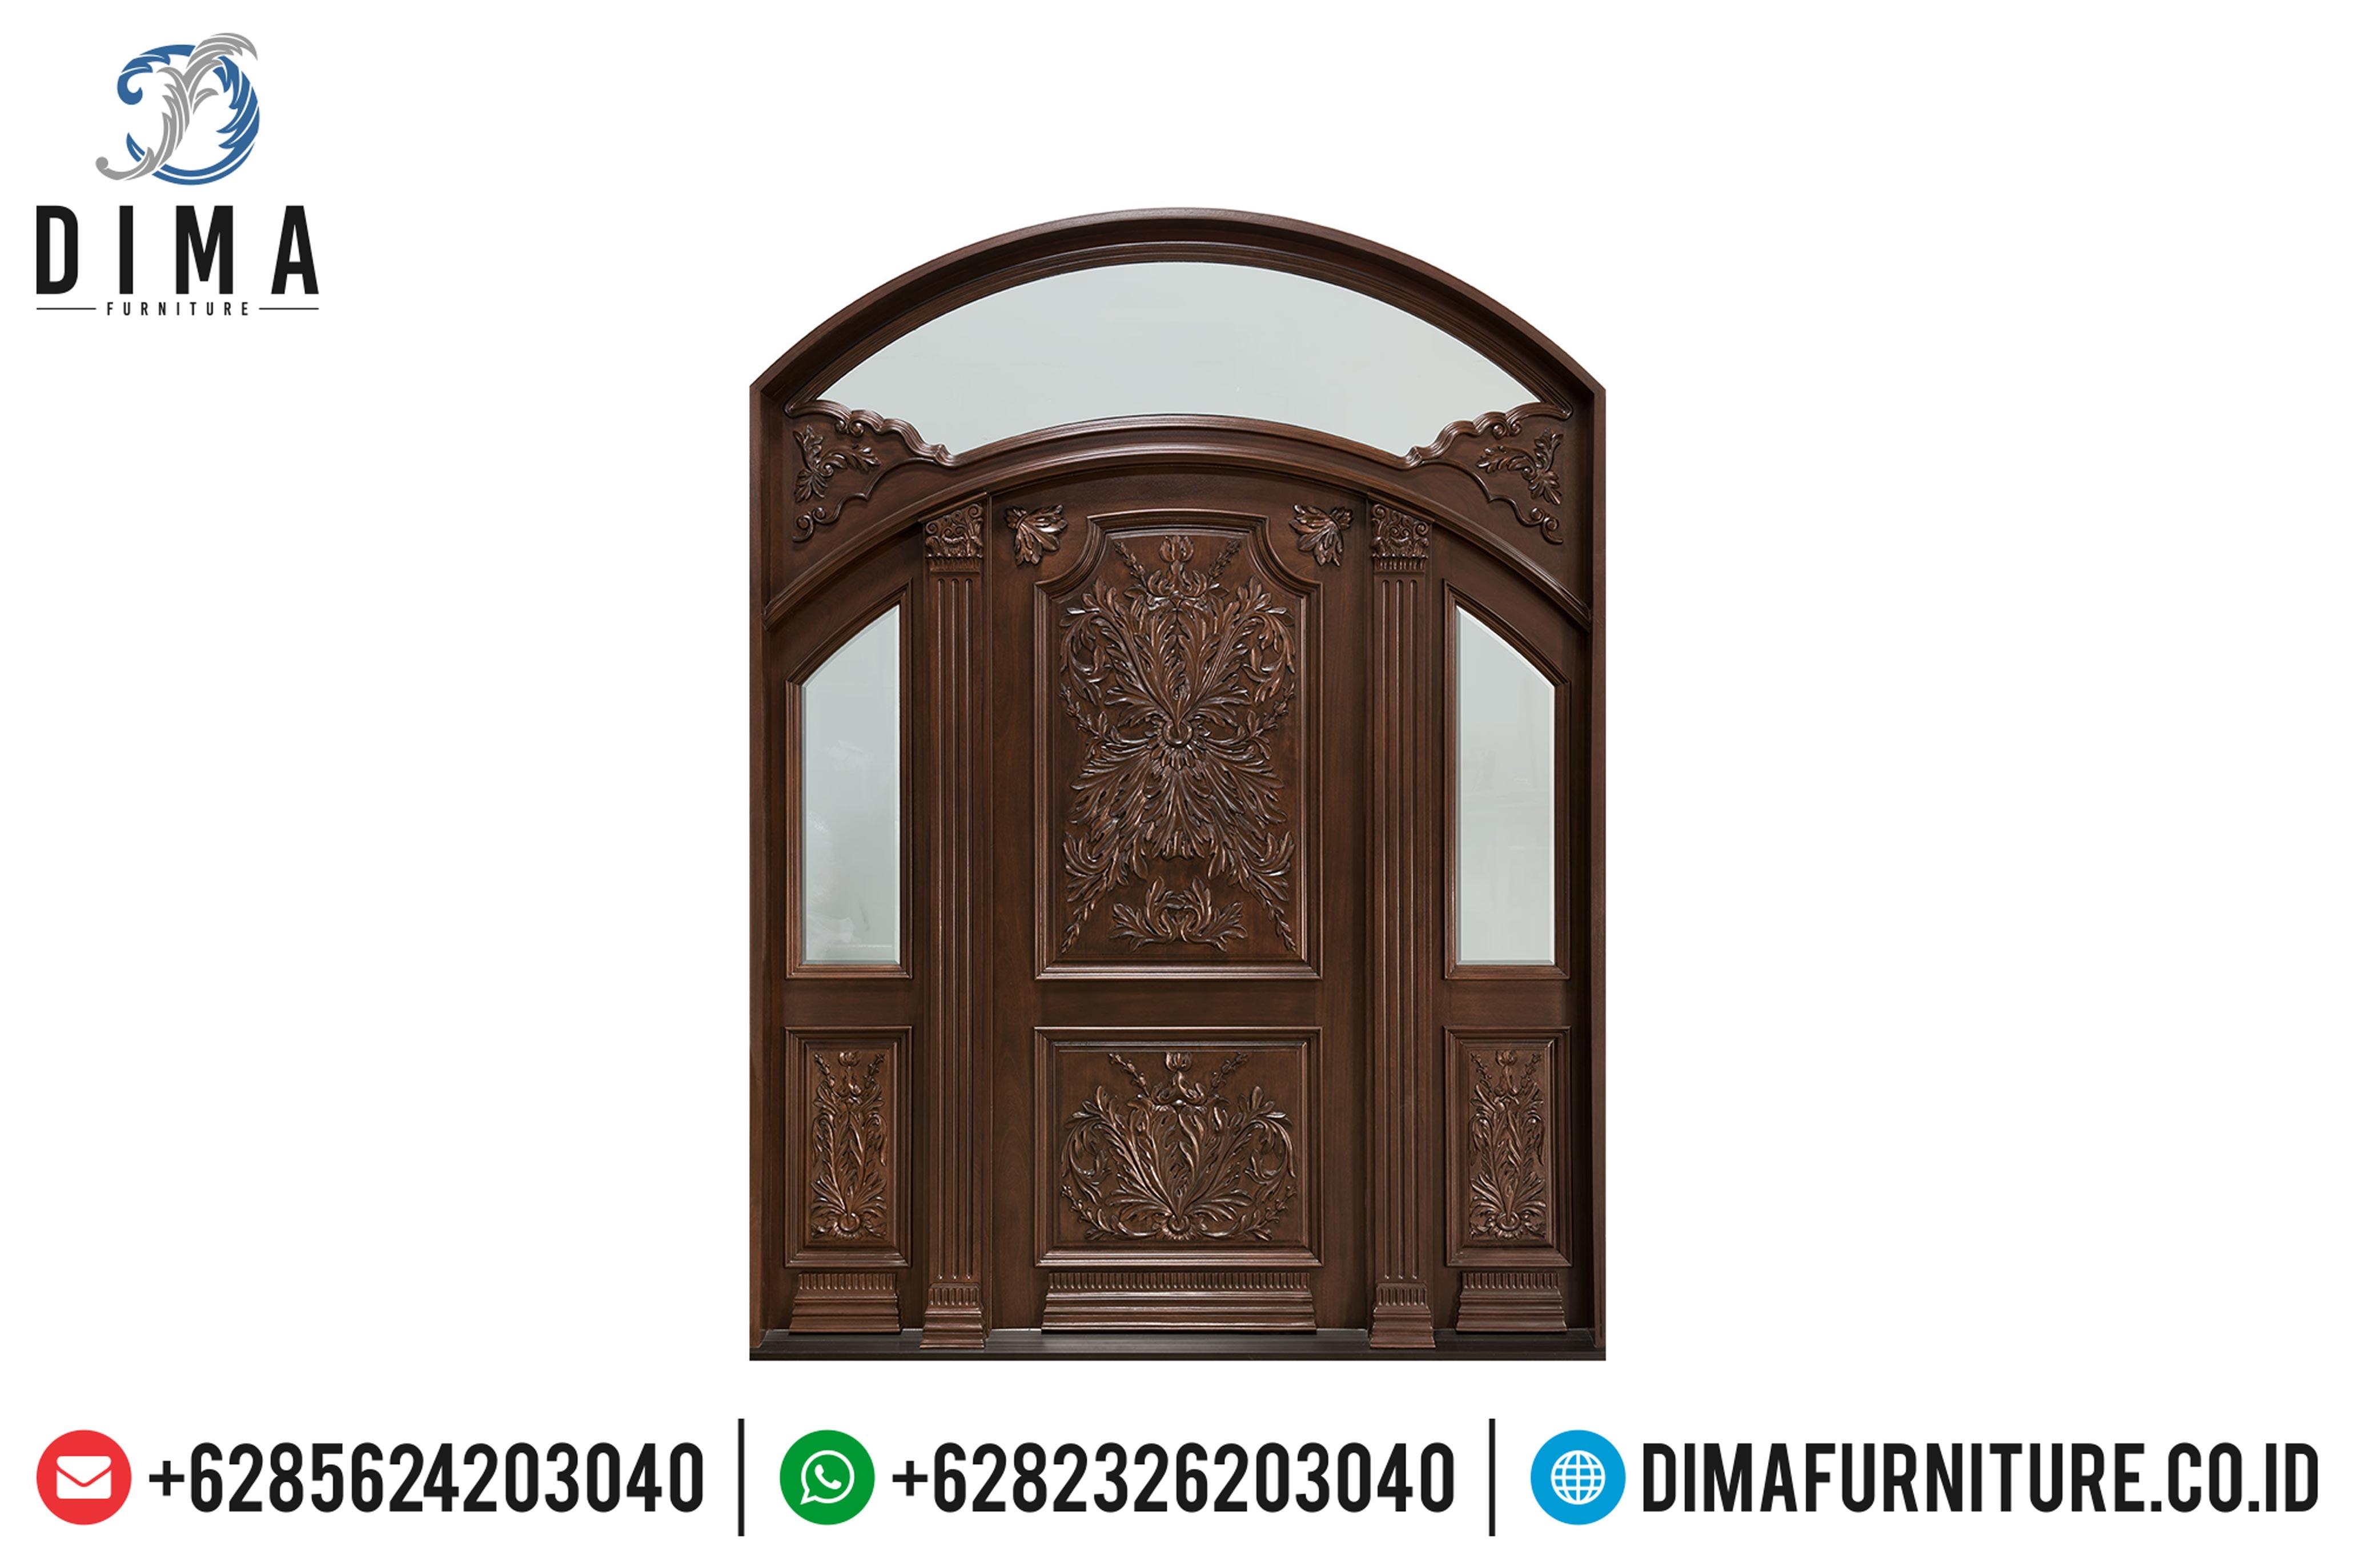 Model Kusen Pintu Rumah Jati Jepara Ukiran Klasik MMJ-0060